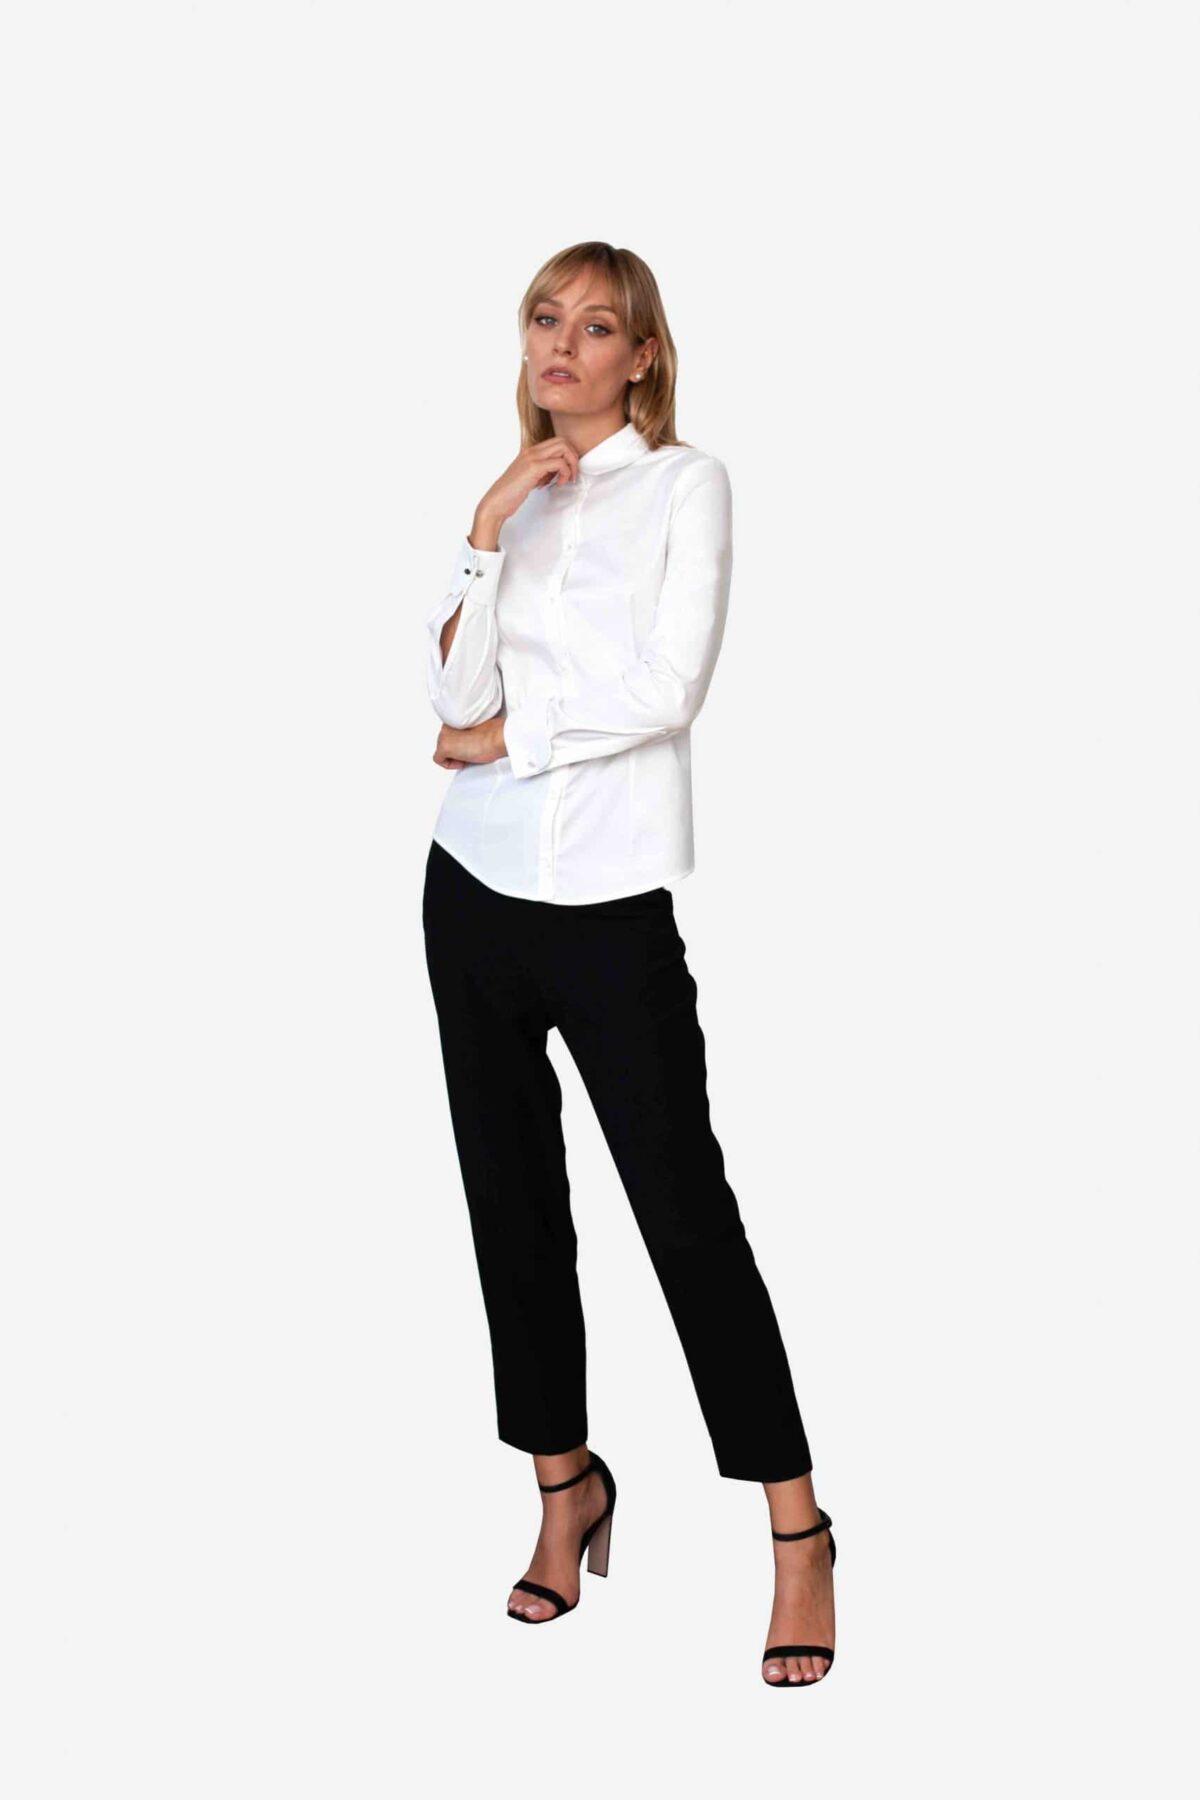 Bluse Michelle von SANOGE. Klassische Business Bluse in weiß. Made in Germany. Pflegeleicht, besonders atmungsaktiv, knitterarm.